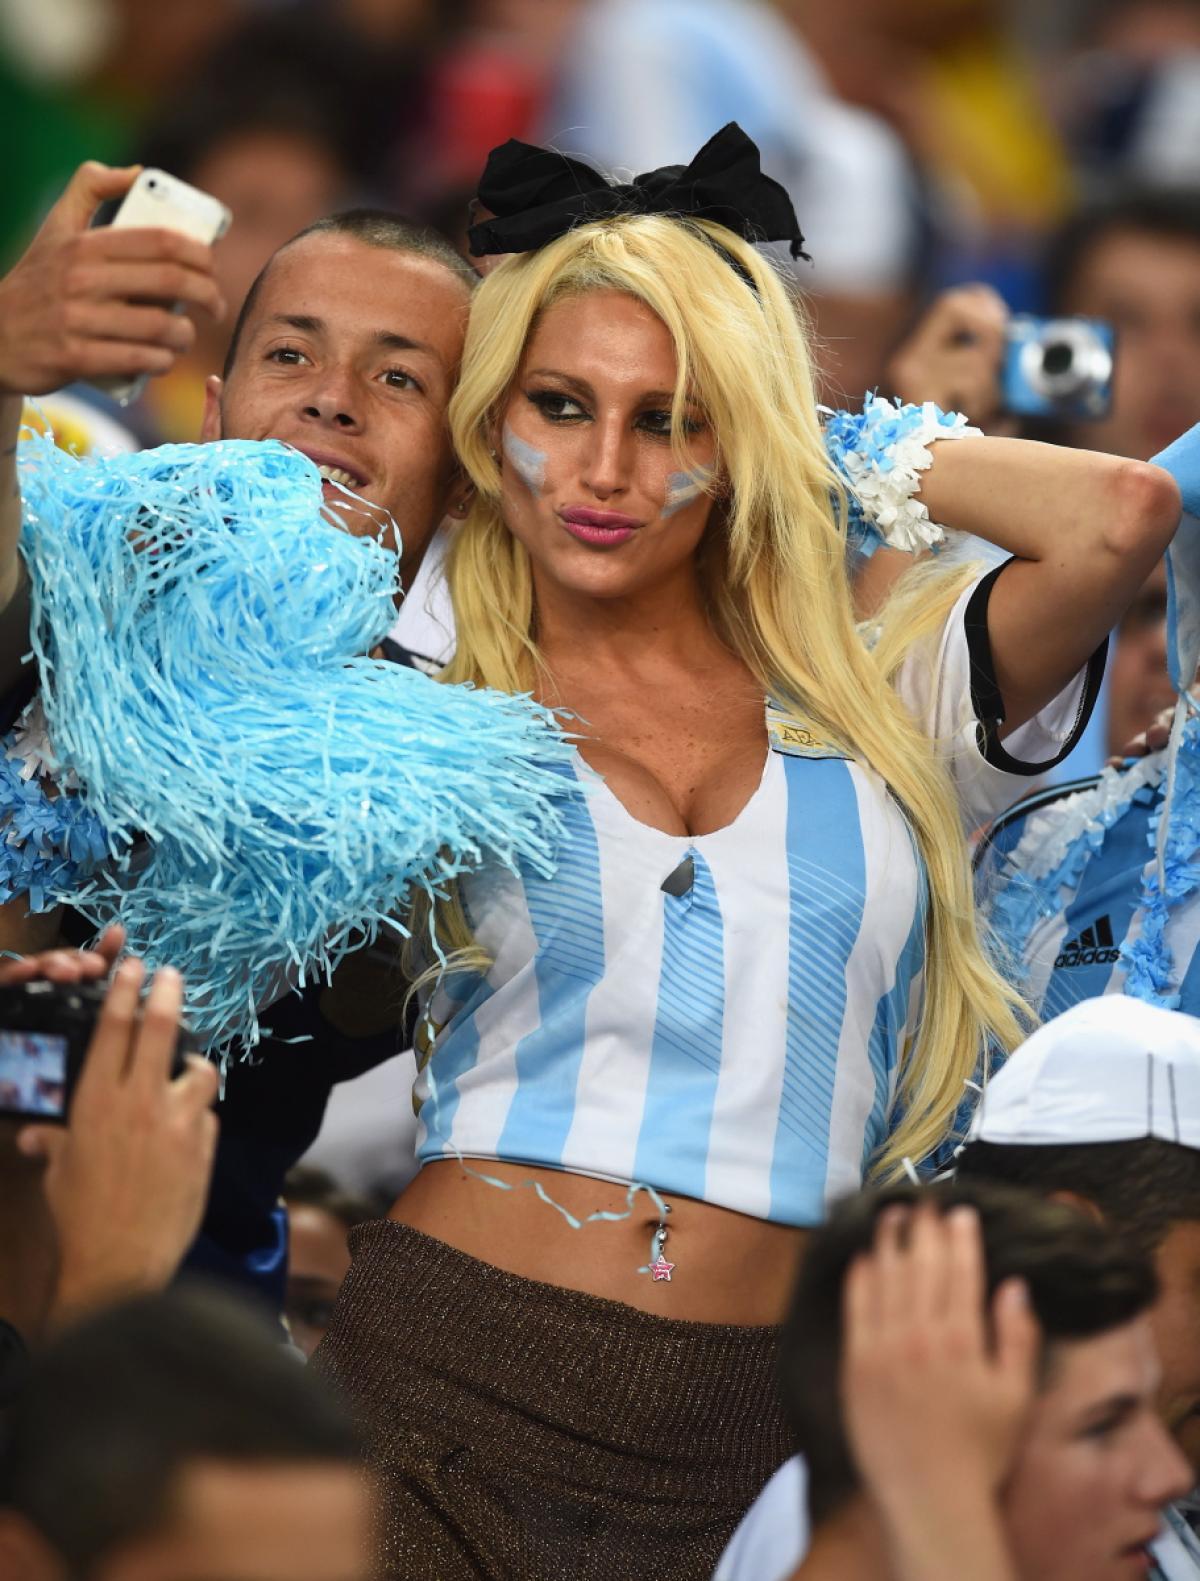 Hot brazilian fan world cup girl you tell